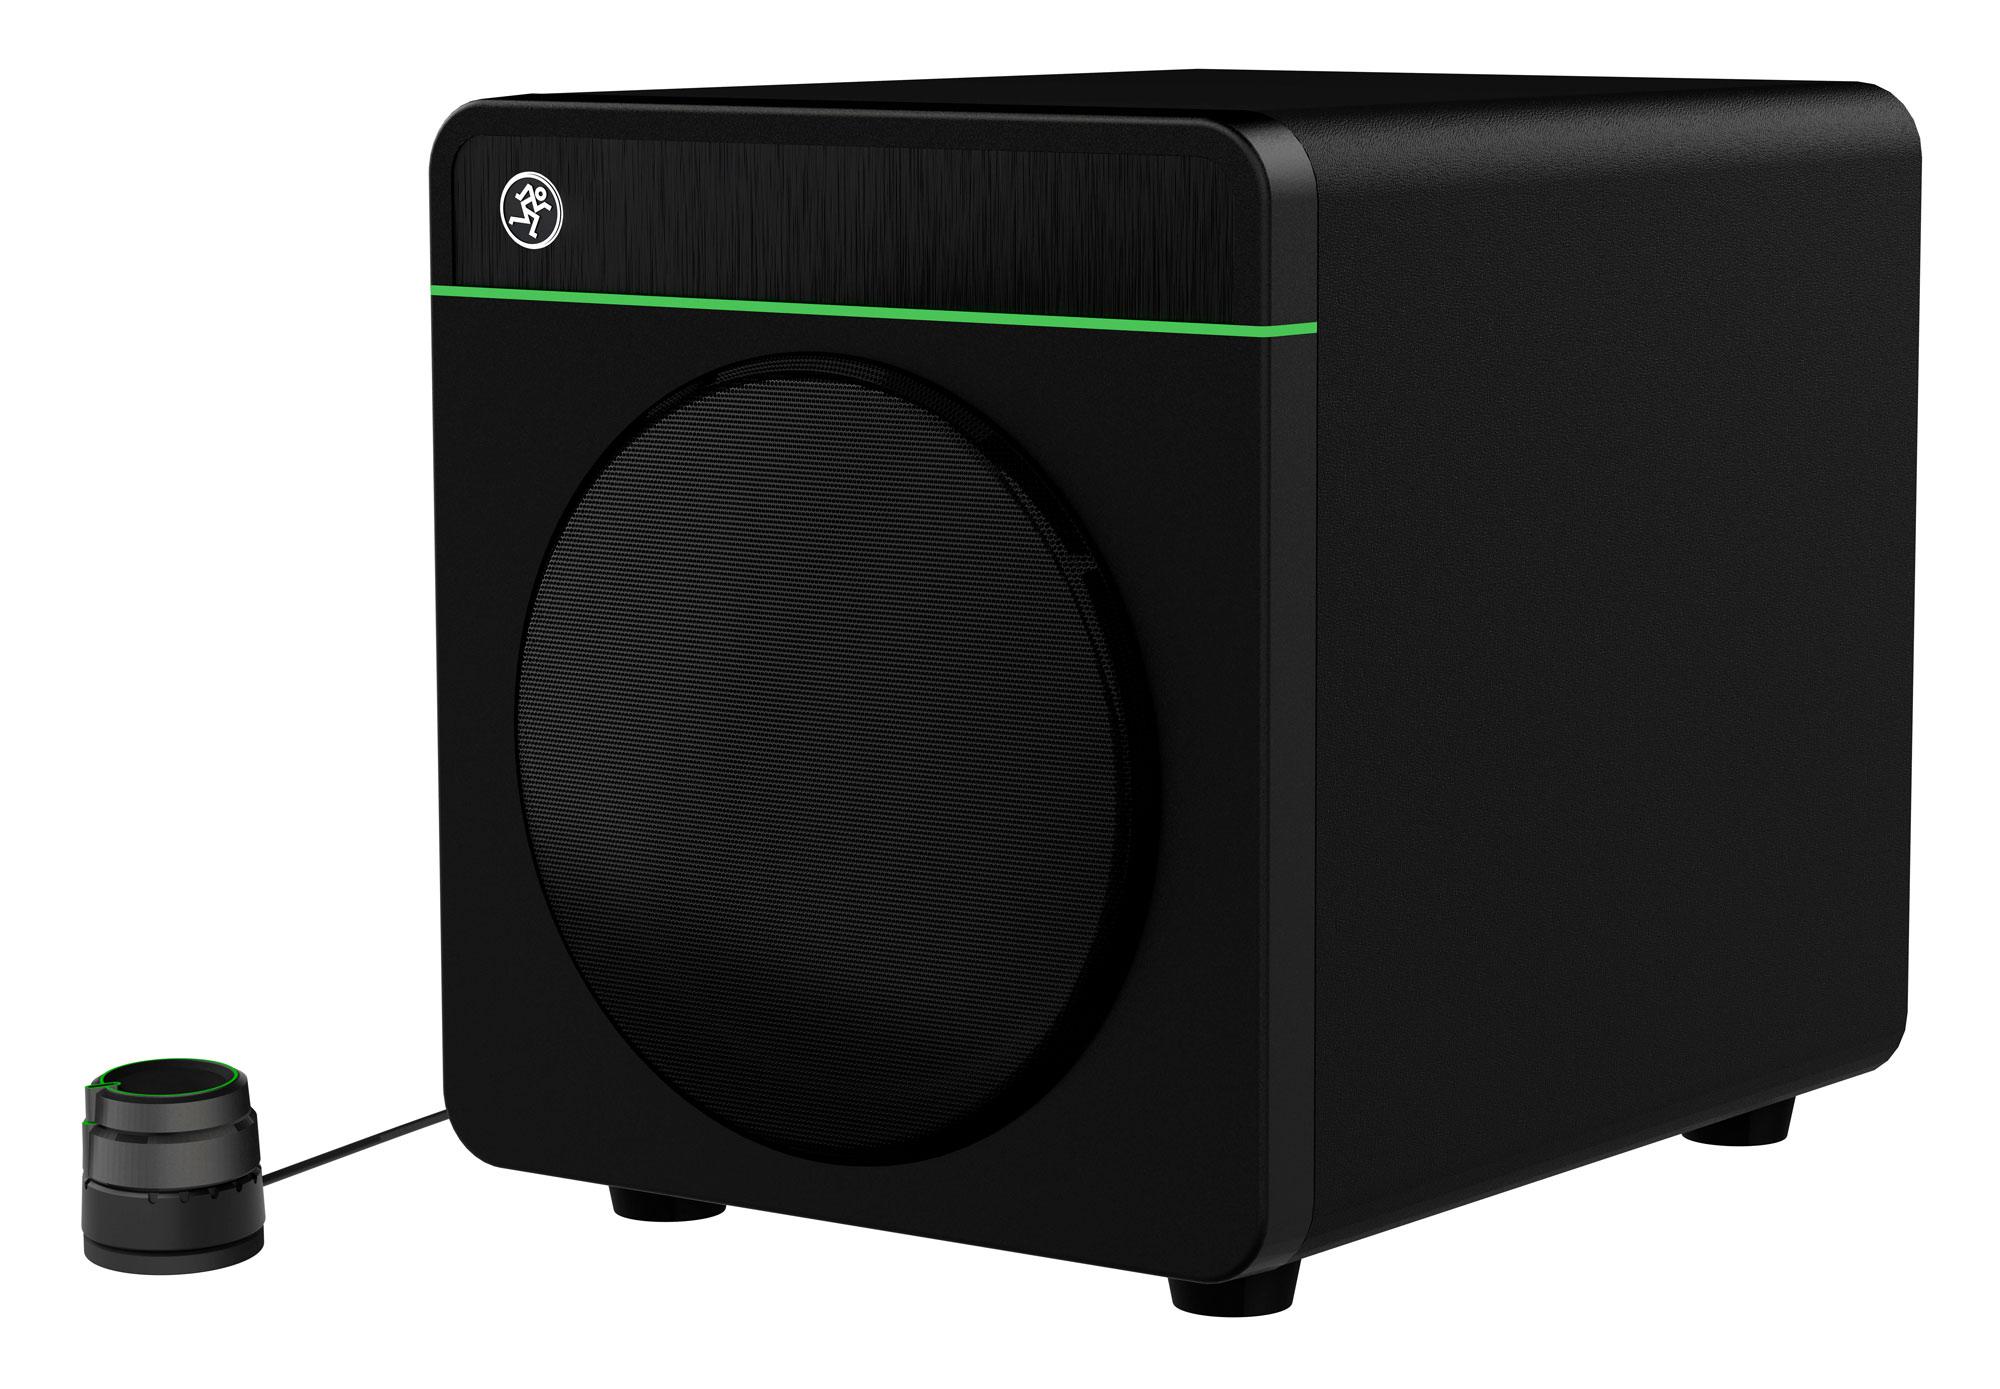 Studiomonitore - Mackie CR8S X BT Aktiv Subwoofer mit Bluetooth - Onlineshop Musikhaus Kirstein